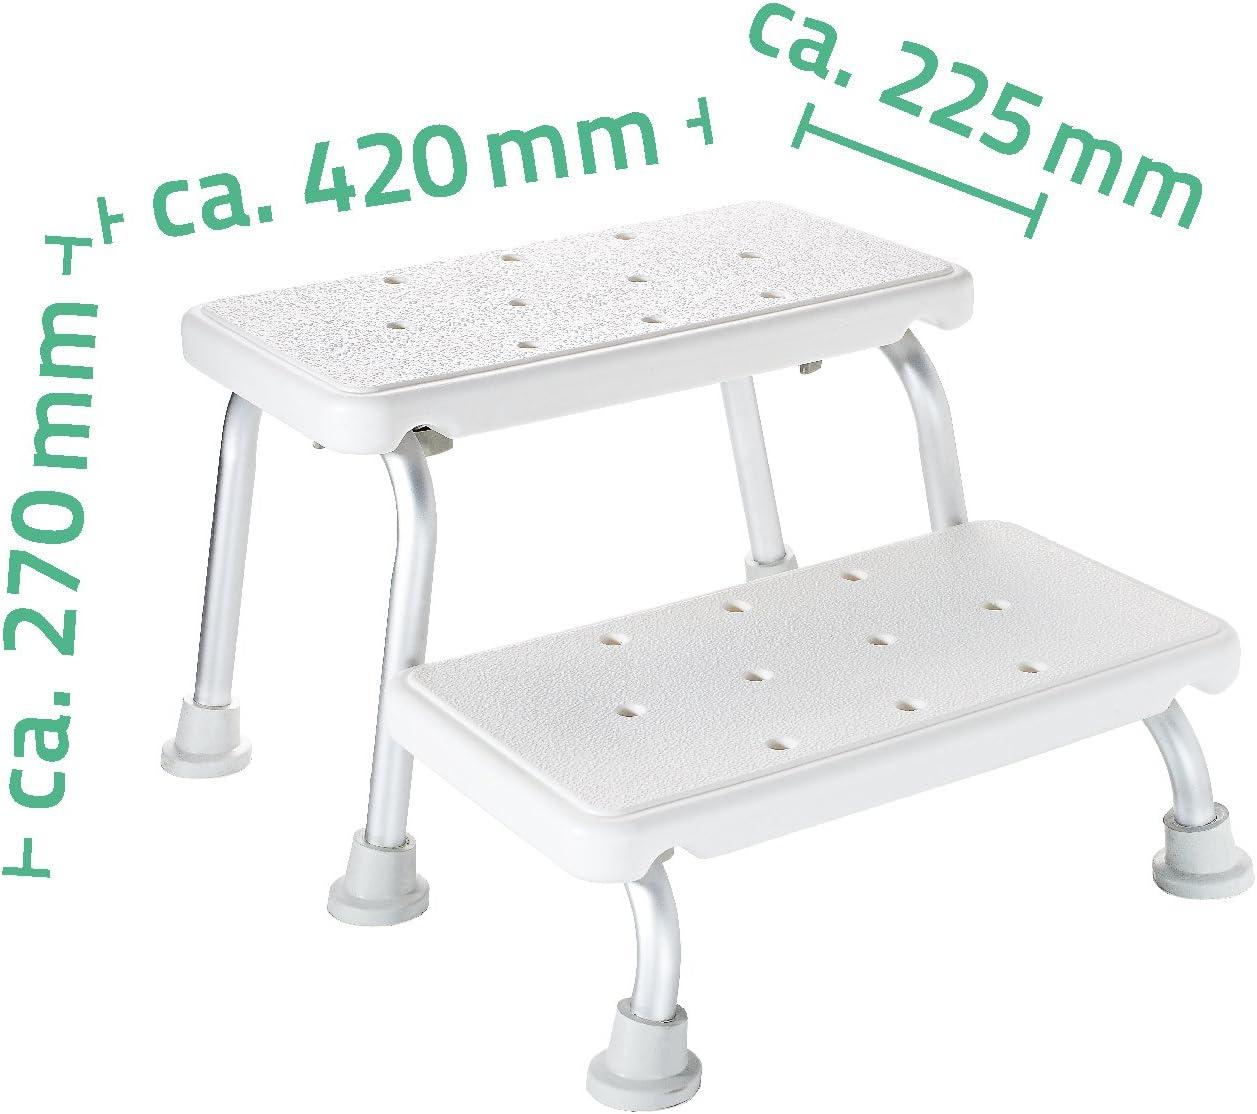 Schemel wei/ß Tritt Badschemel RIDDER Assistent  A0102001 Zweistufenschemel